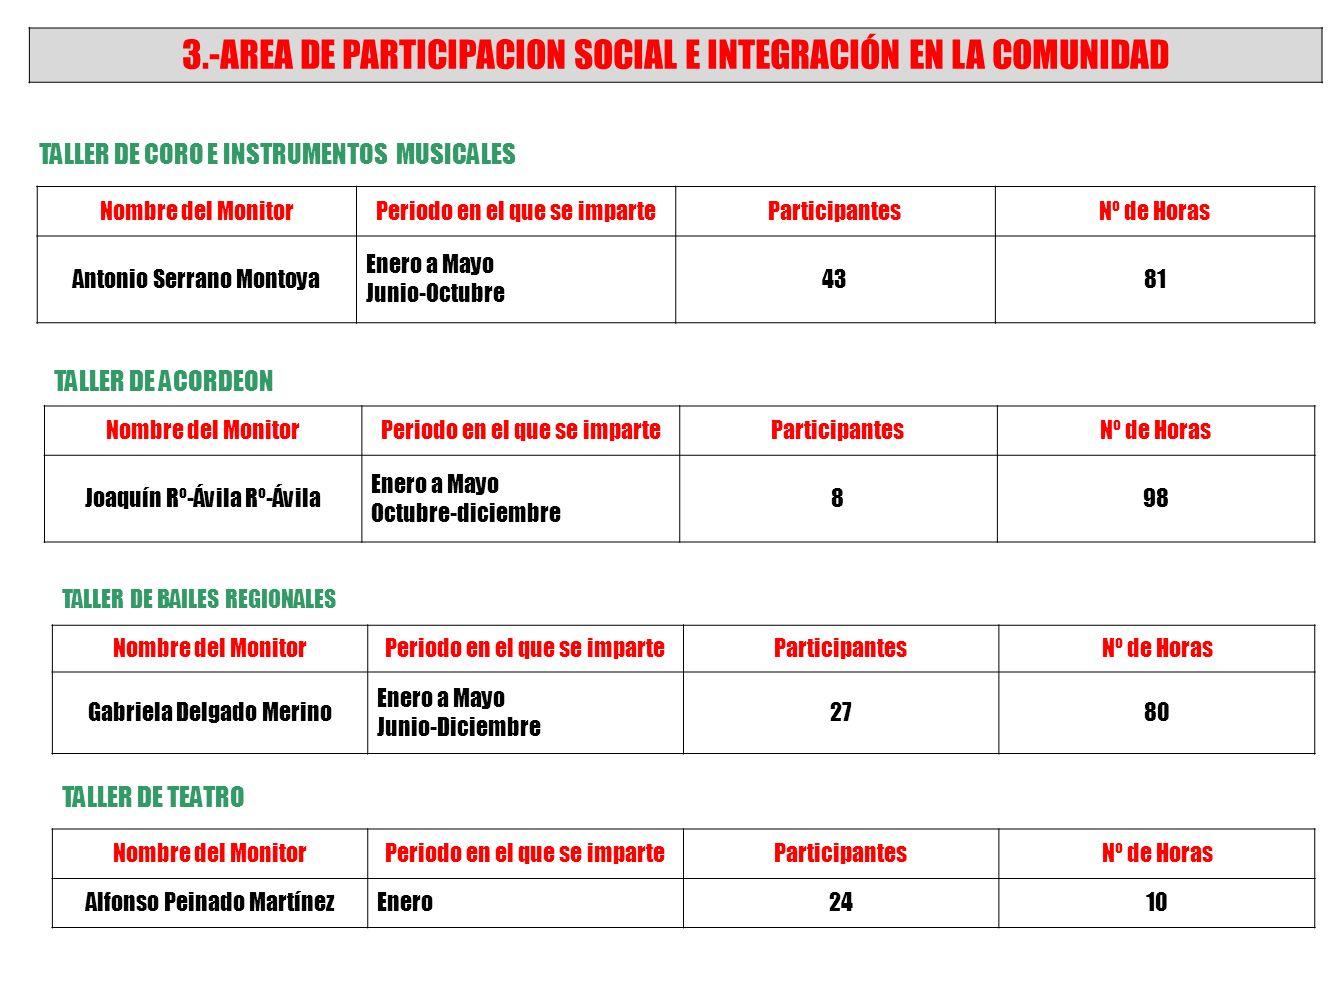 2.-AREA DE EDUCACION, FORMACION Y ACCESO A LAS NUEVAS TECNOLOGIAS TALLER DE RECICLAJE Nombre del MonitorPeriodo en el que se imparteParticipantesNº de Horas Santiago García-Cervigón Torrijos Octubre126 TALLERES DE INICIACION A LA INFORMATICA E INTERNET Nombre del MonitorPeriodo en el que se imparteParticipantesNº de Horas Francisco Cambronero y Bienvenido Camacho Febrero-Marzo Abril- Mayo Octubre-diciembre 3772 ASISTENCIA A JORNADA FORMATIVA La Alimentación, una cultura para la vida Nombre del MonitorPeriodo en el que se imparteParticipantesNº de Horas Fundación La Caixa 10 de Octubre en la localidad de Valdepeñas 372 ASISTENCIA A JORNADA FORMATIVA DE LOS MIEMBROS DEL CONSEJO DE MAYORES EN TOLEDO ORGANIZAPeriodo en el que se imparteParticipantesNº de Horas Consejería de Bienestar Social 23 y 24 de Octubre38